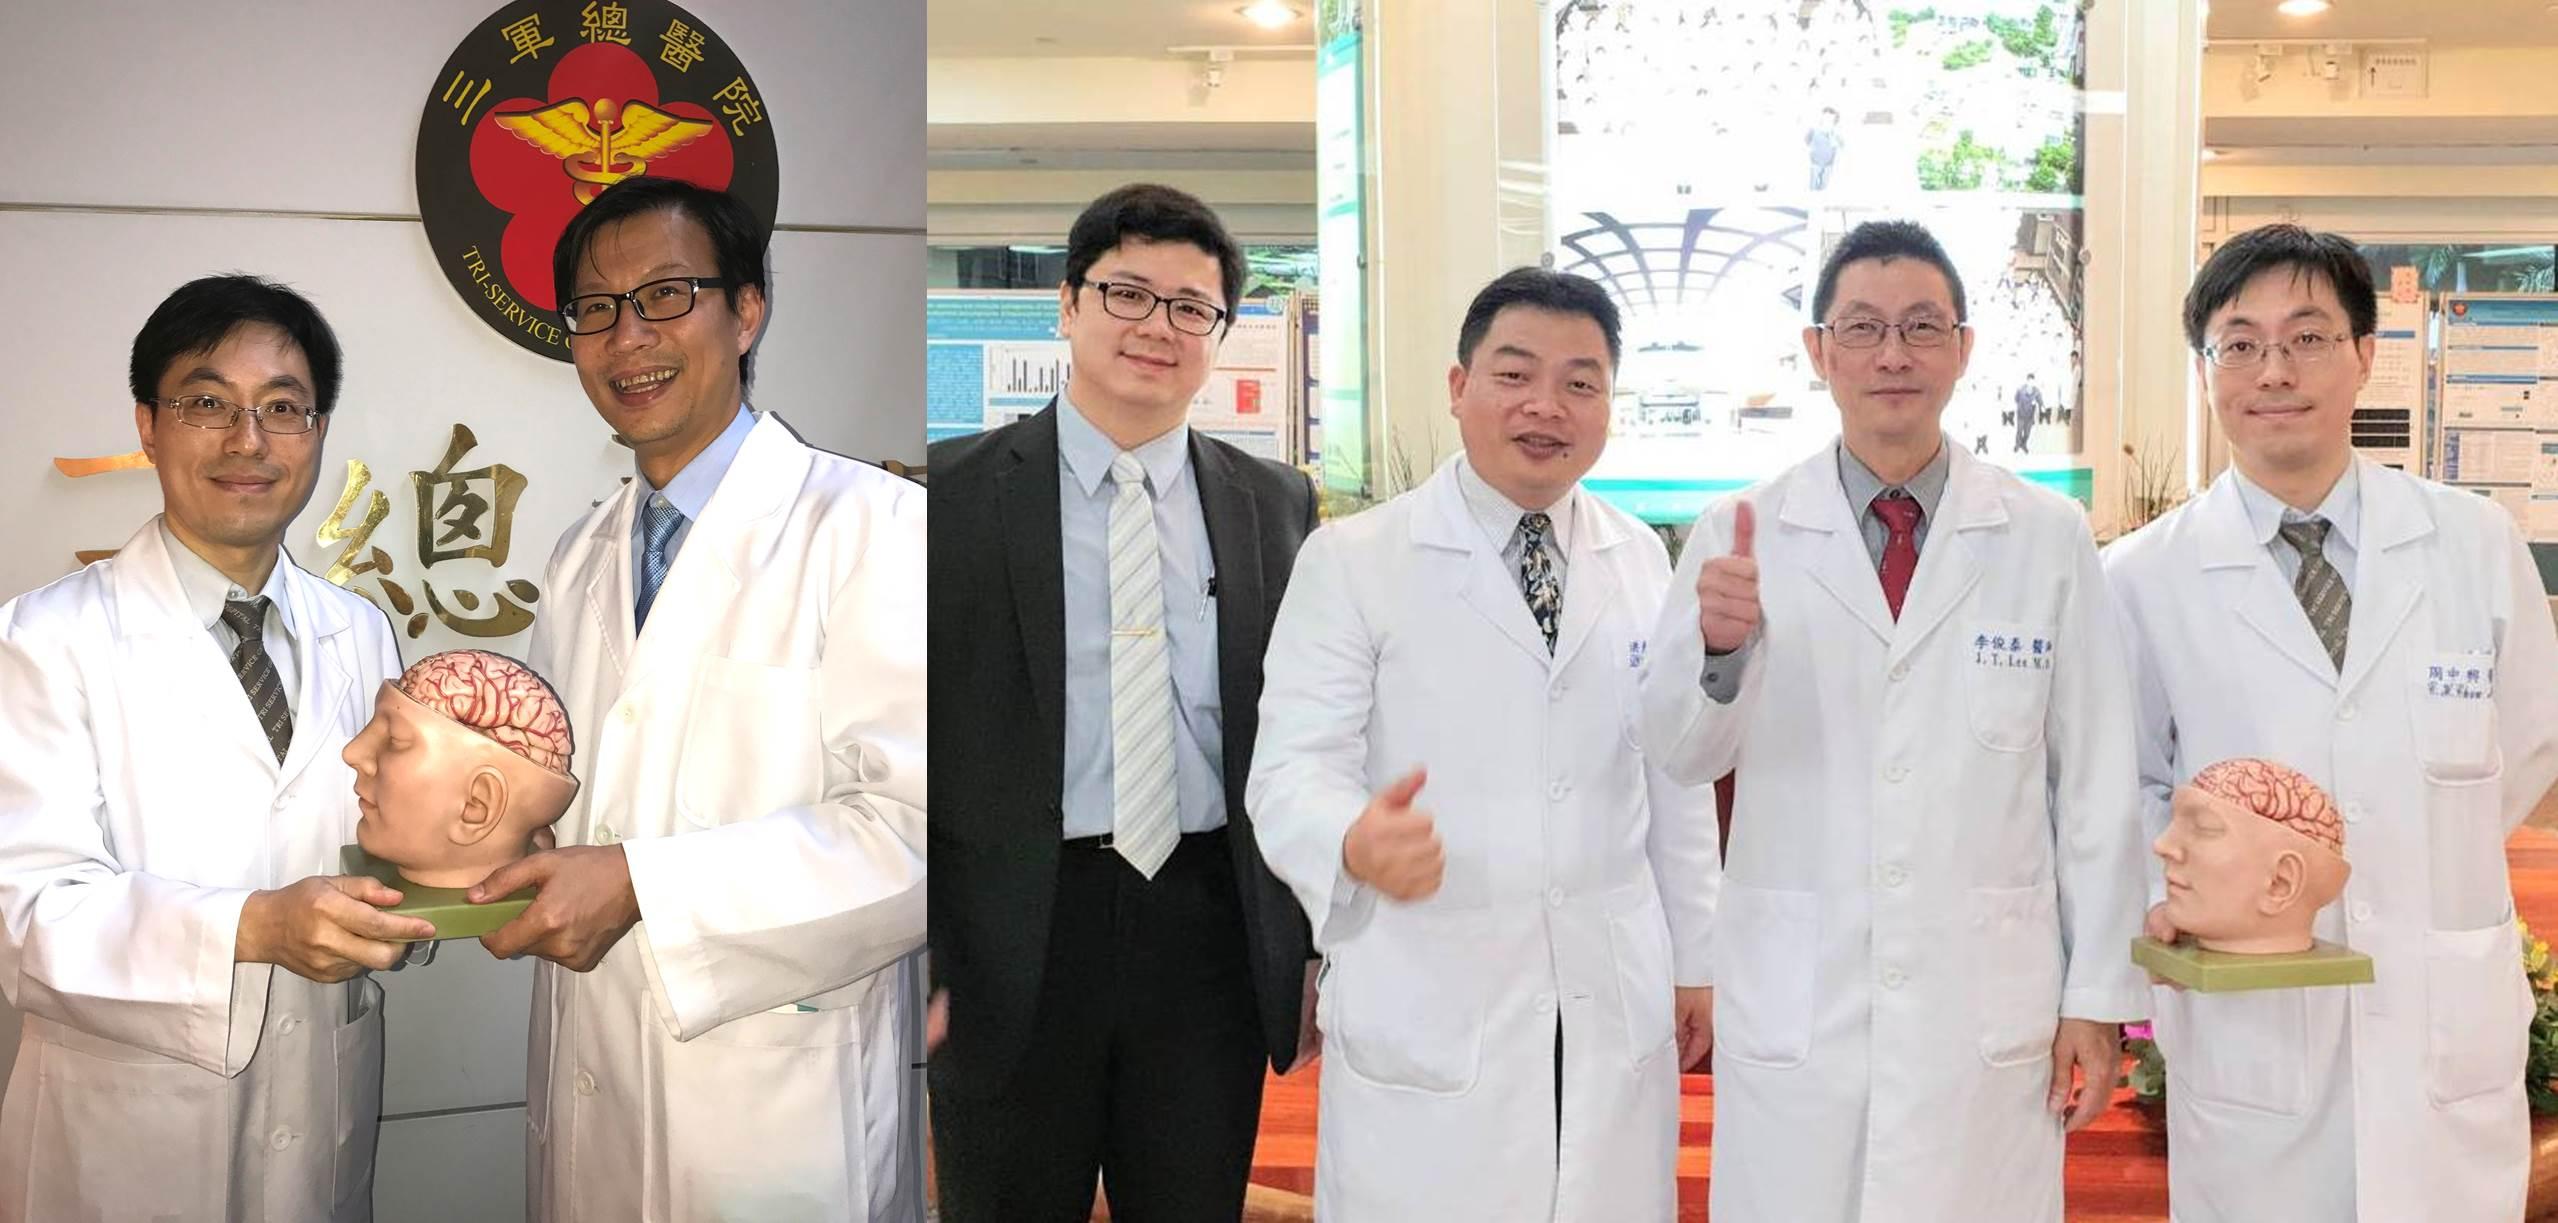 結合神經與血管治療專家發展新醫材技術